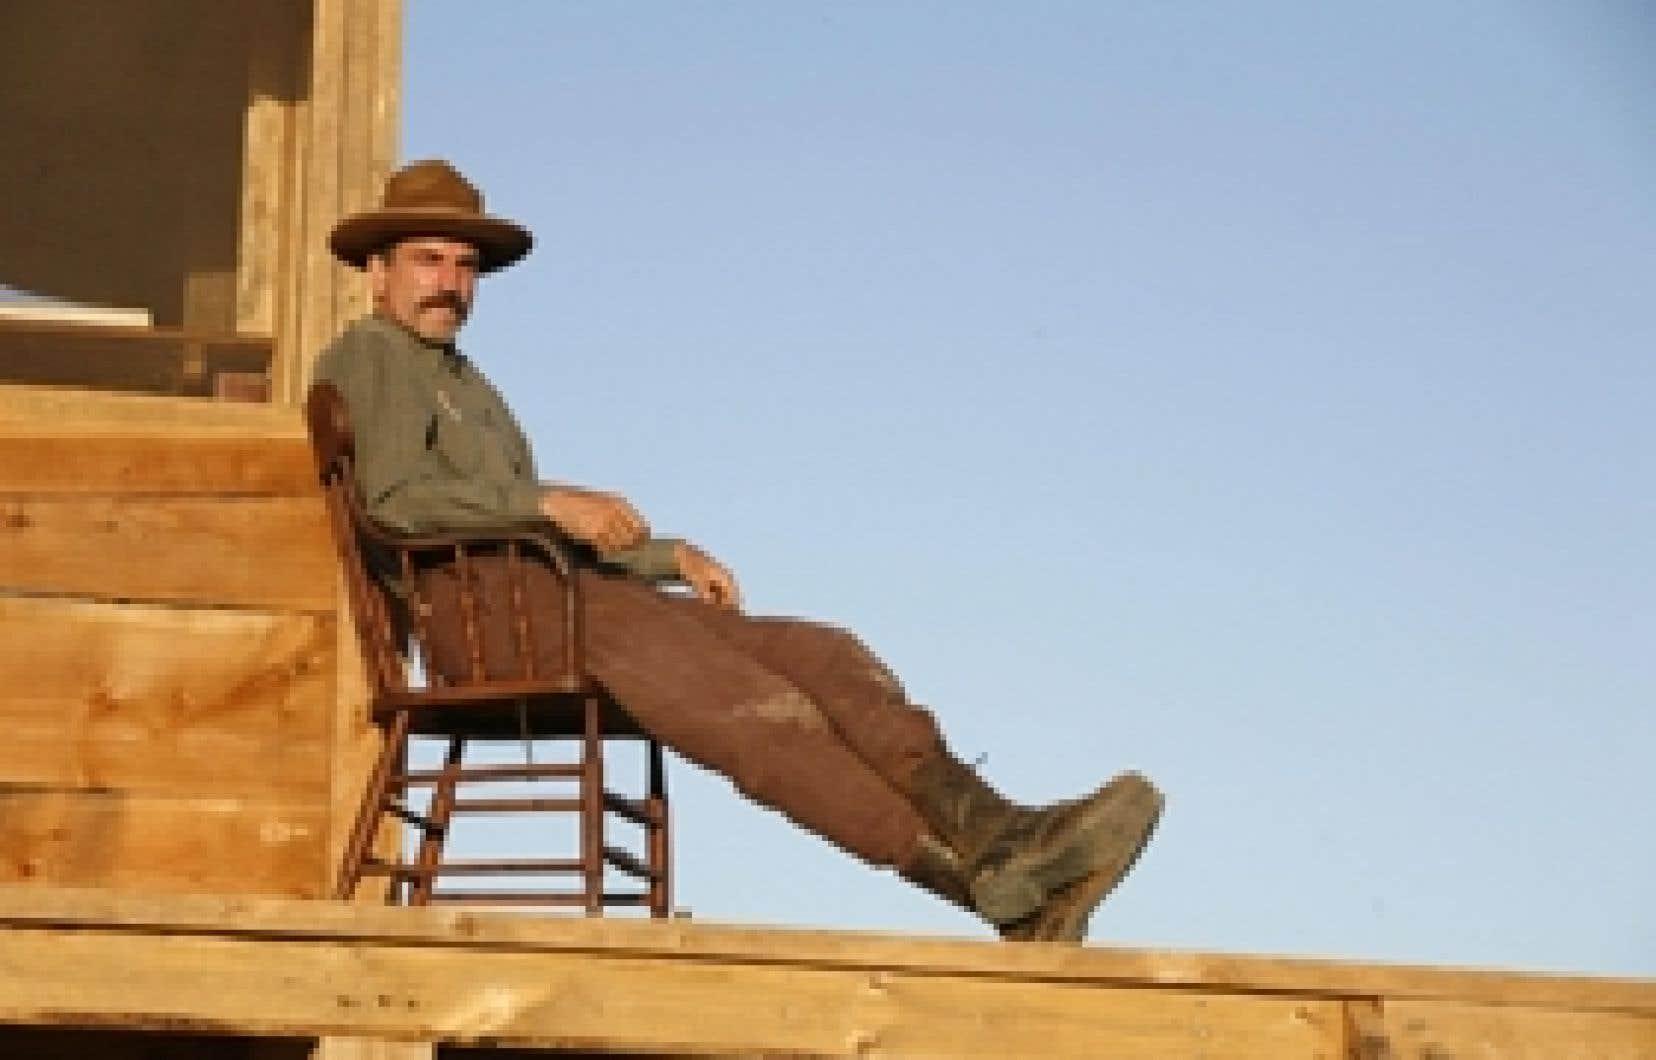 Dans There Will Be Blood, Daniel Day-Lewis incarne Daniel Plainview, un homme qui abandonne principes et santé mentale quand il se lance dans une poursuite insensée de l'or noir.